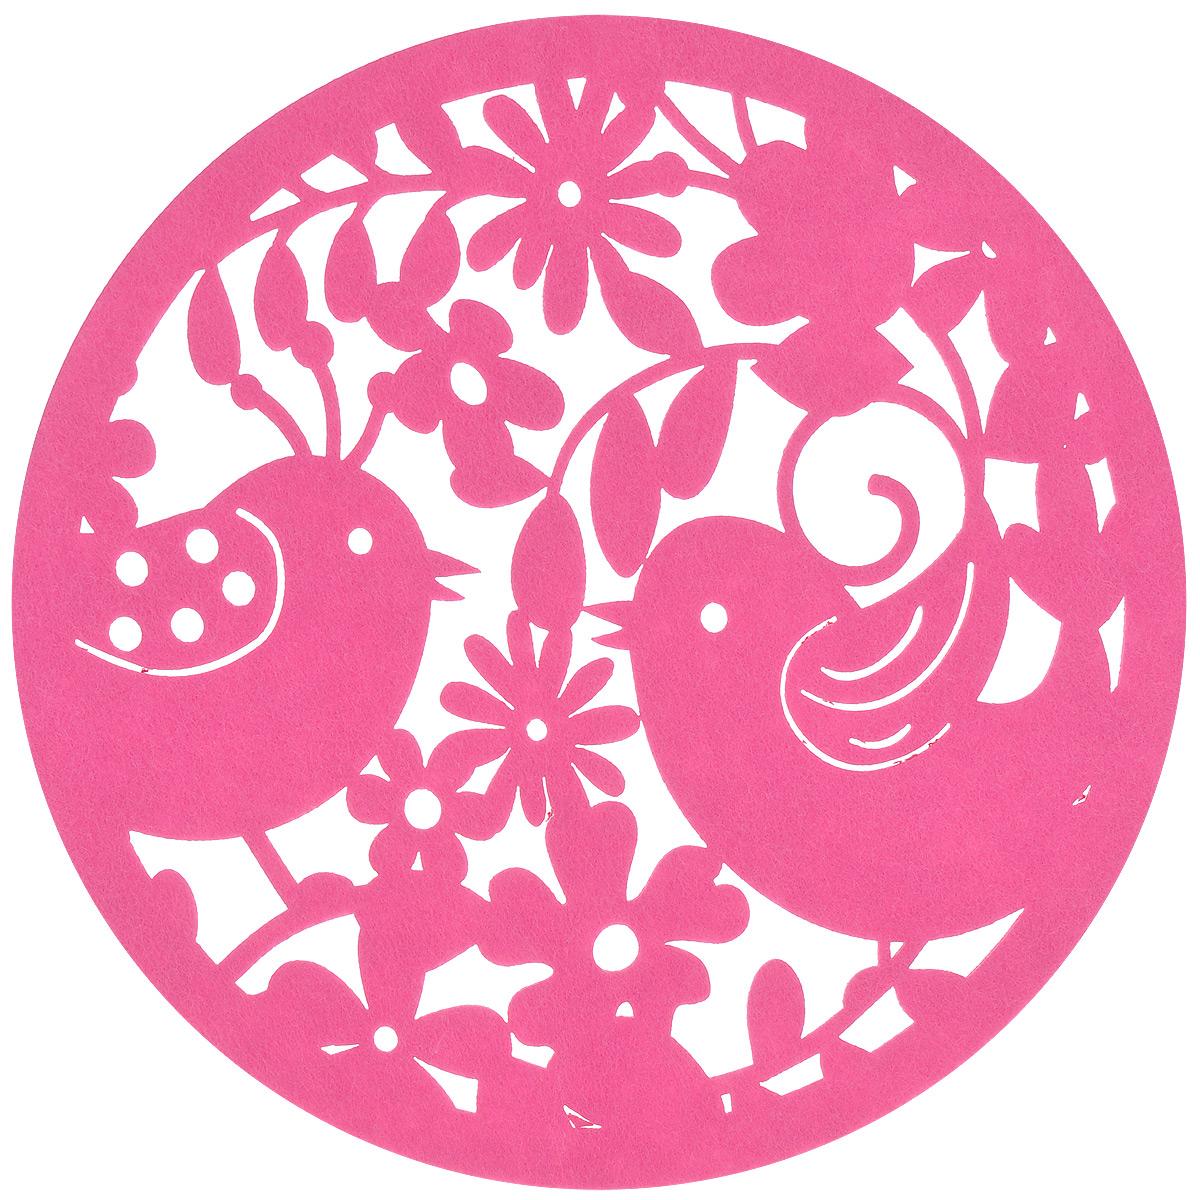 Салфетка Home Queen Круг. Птицы, цвет: розовый, диаметр 30 см64495_3Круглая салфетка Home Queen Круг. Птицы изготовлена из фетра и имеет красивую перфорацию в виде птиц и цветов. Вы можете использовать салфетку для декорирования стола, комода, журнального столика. В любом случае она добавит в ваш дом стиля, изысканности и неповторимости и убережет мебель от царапин и потертостей. Диаметр салфетки: 30 см.